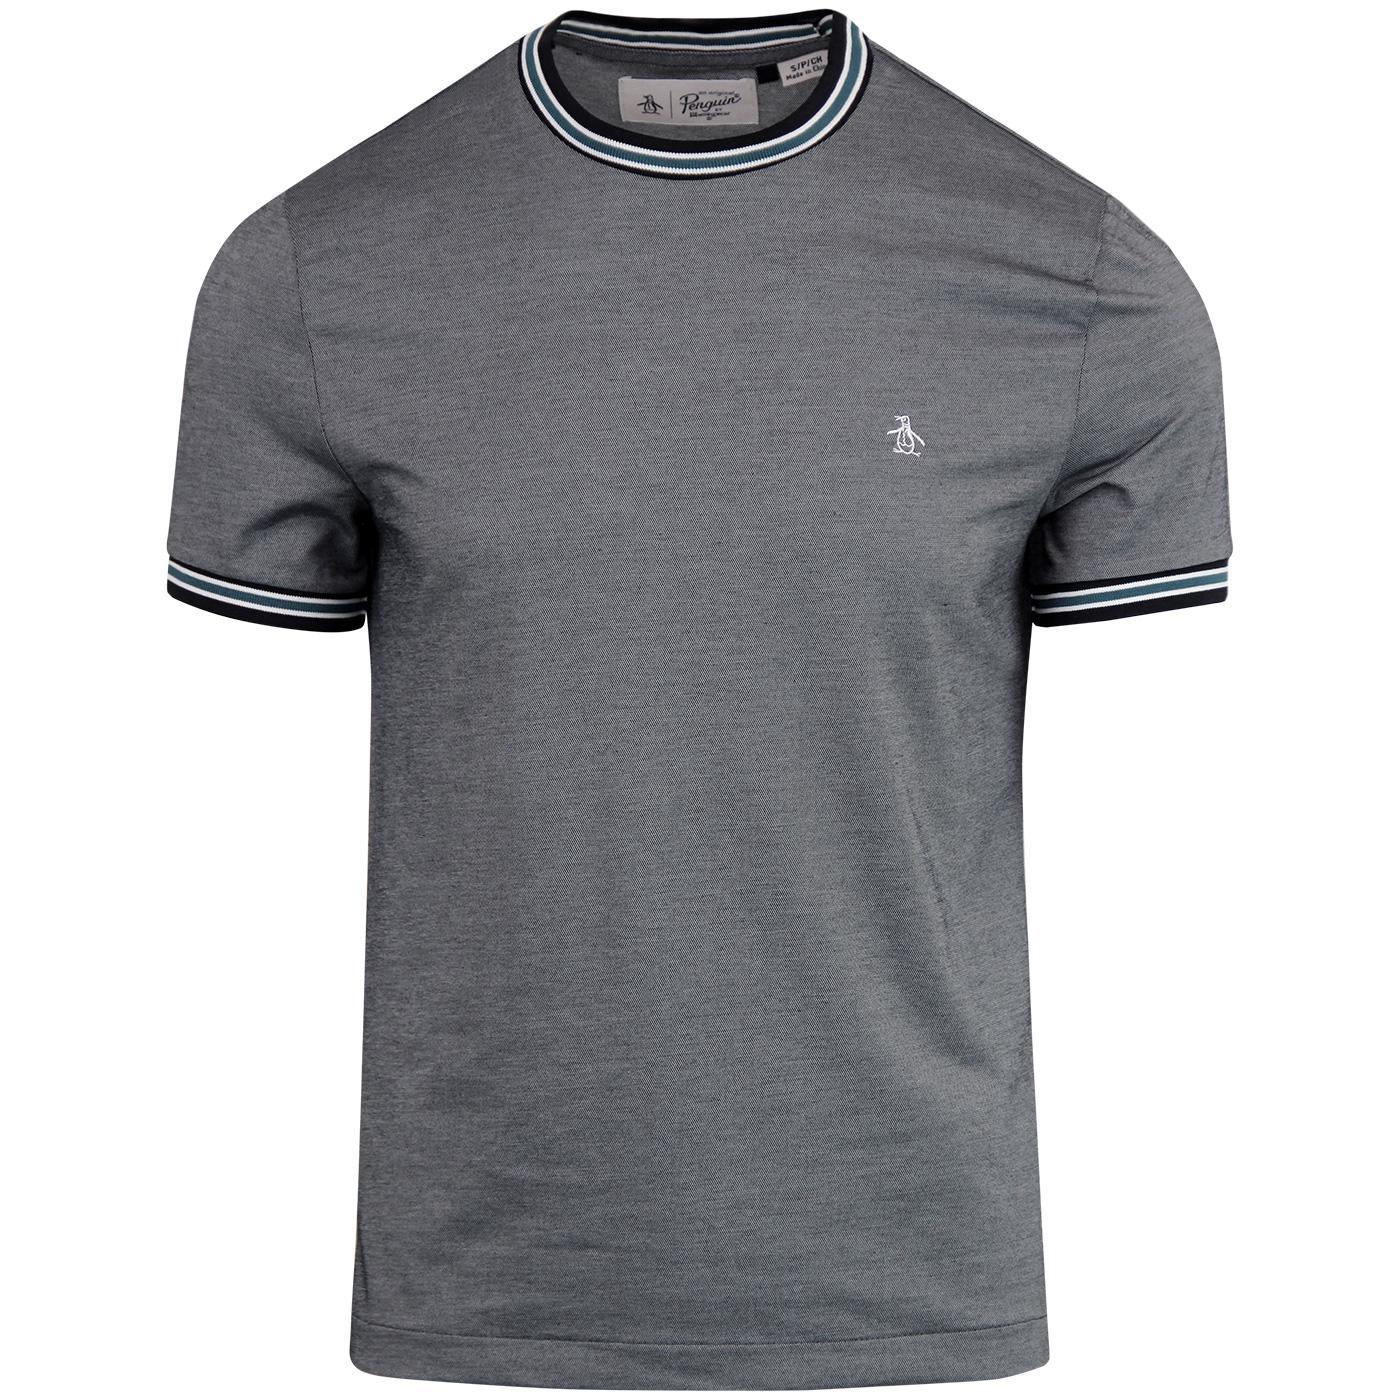 ORIGINAL PENGUIN Retro Mercerised Pique T-Shirt DS